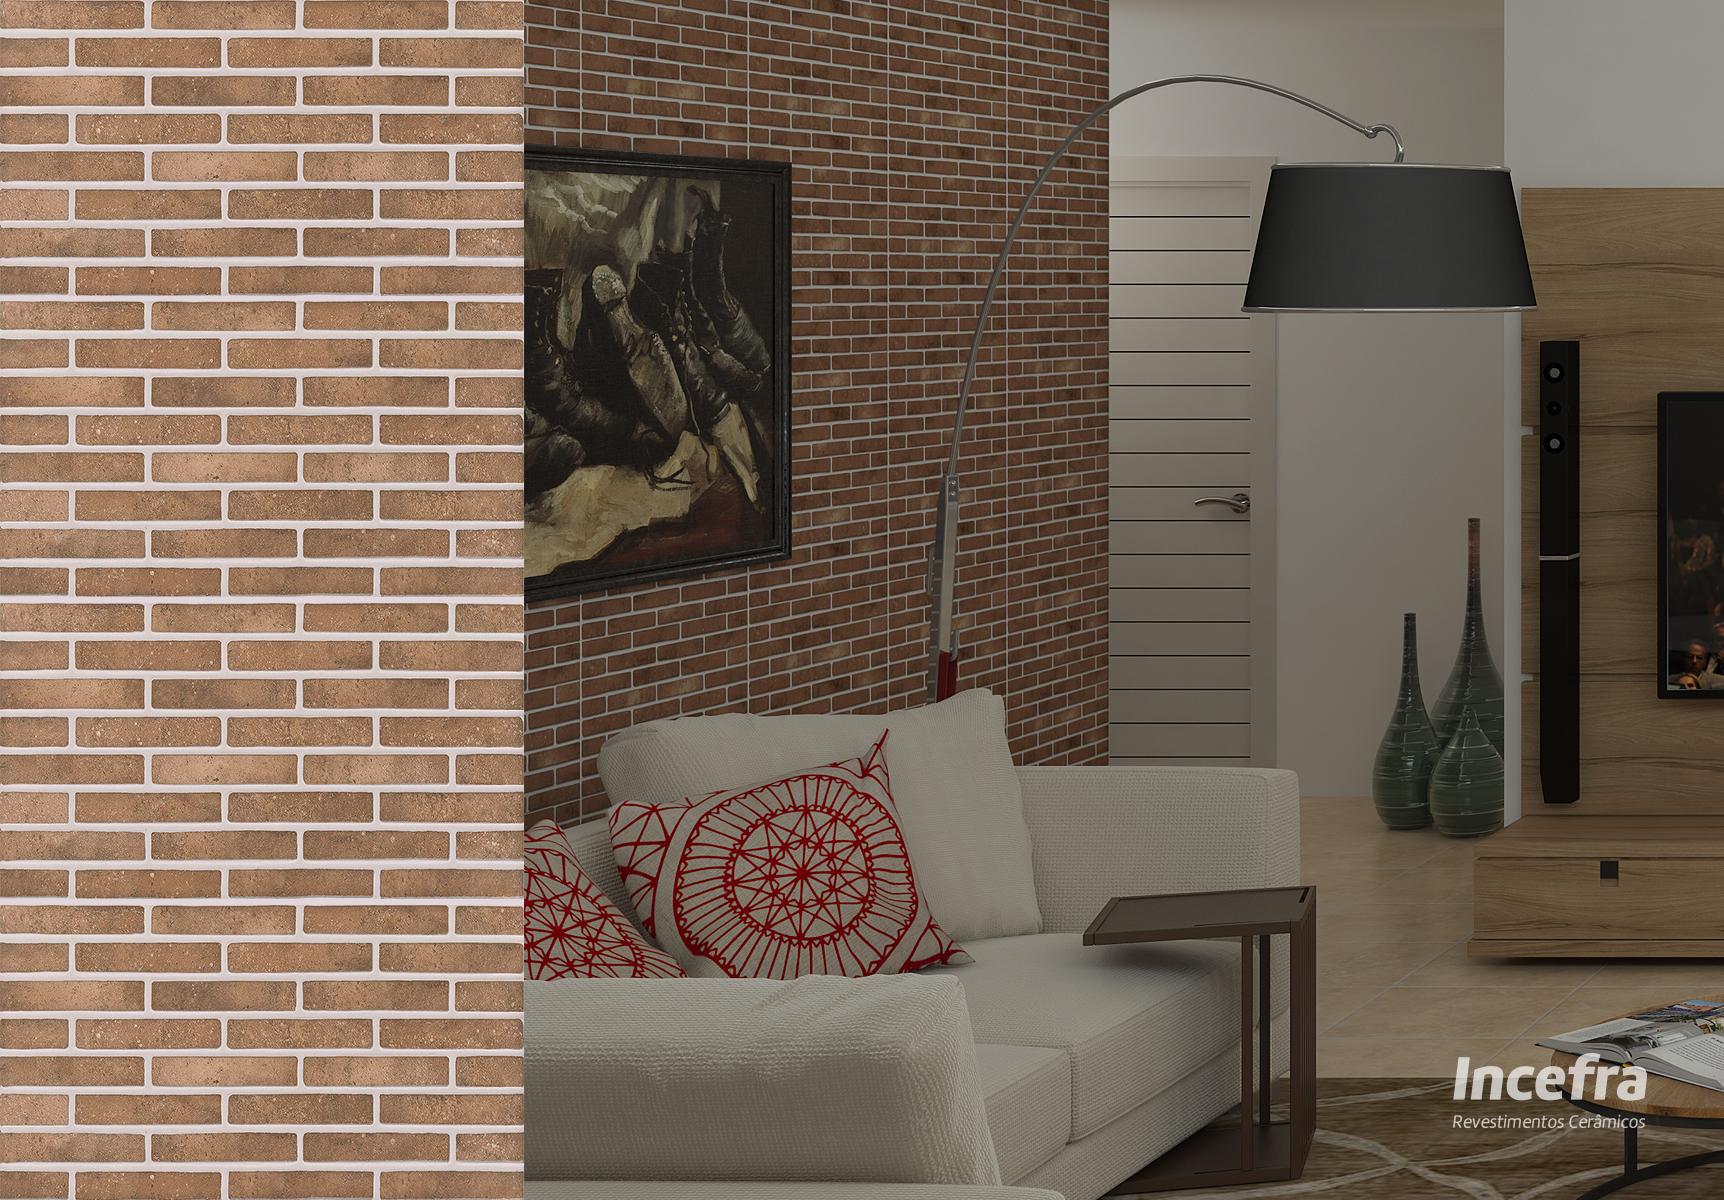 Tendência no mercado, cerâmica com detalhes de tijolo aparente.